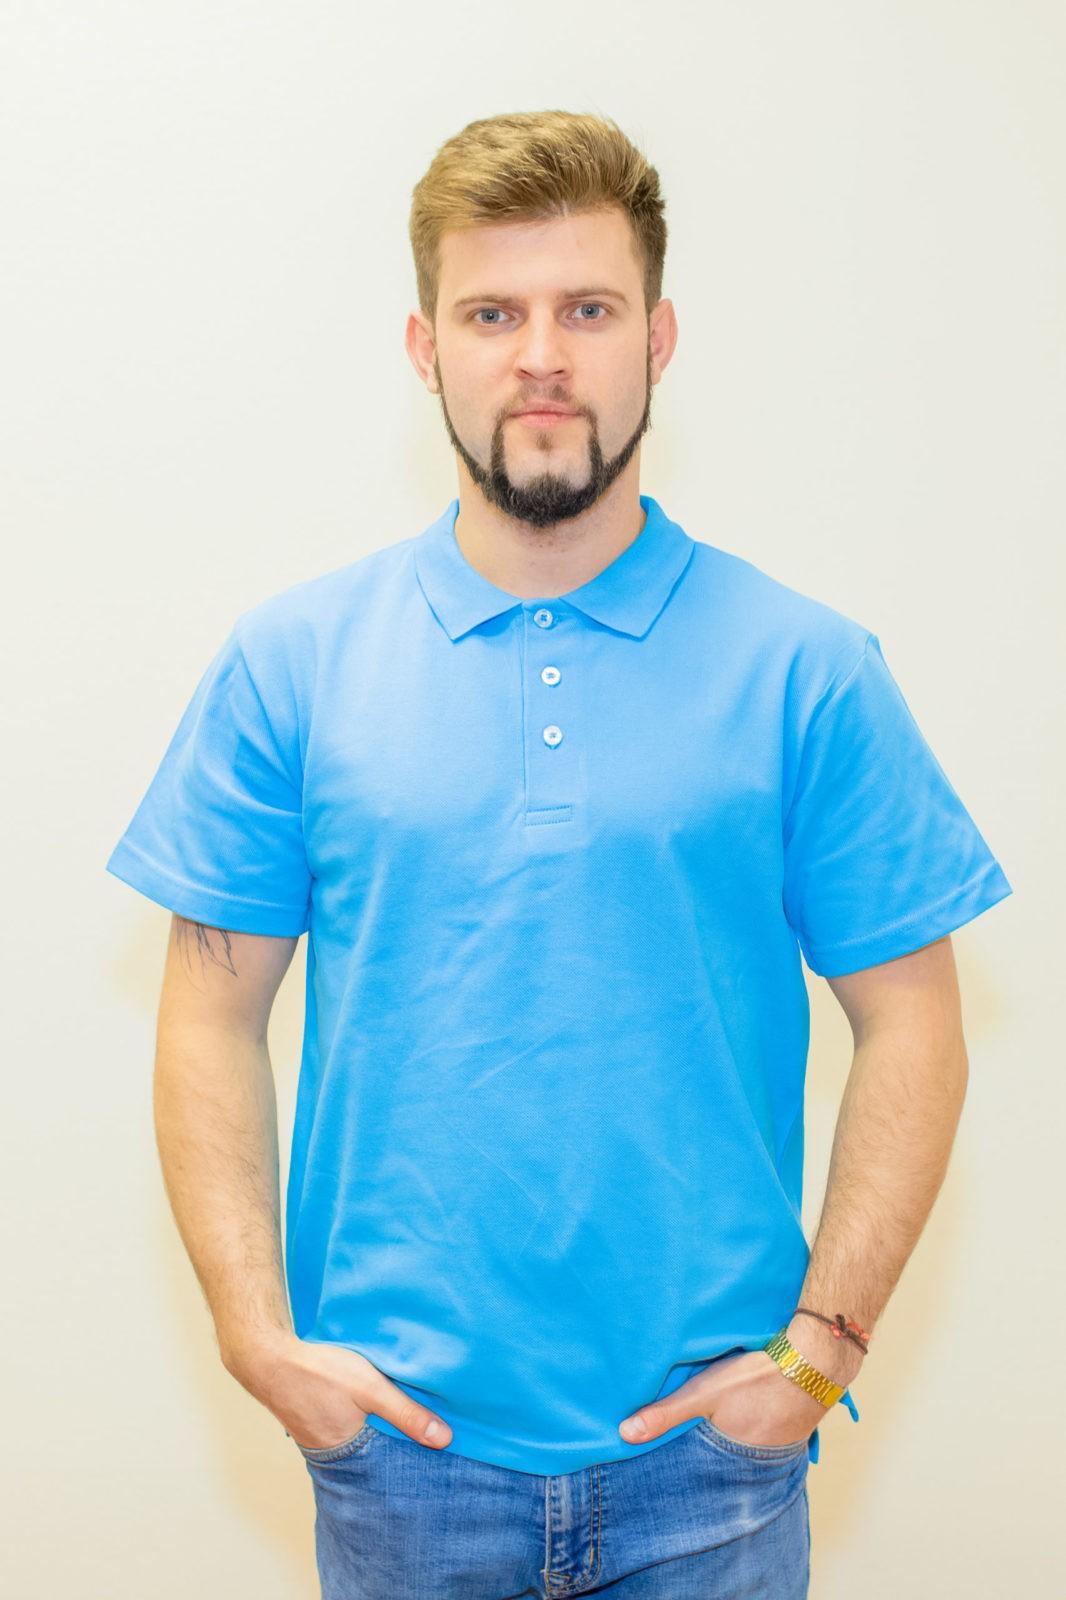 рубашка-поло мужская голубая